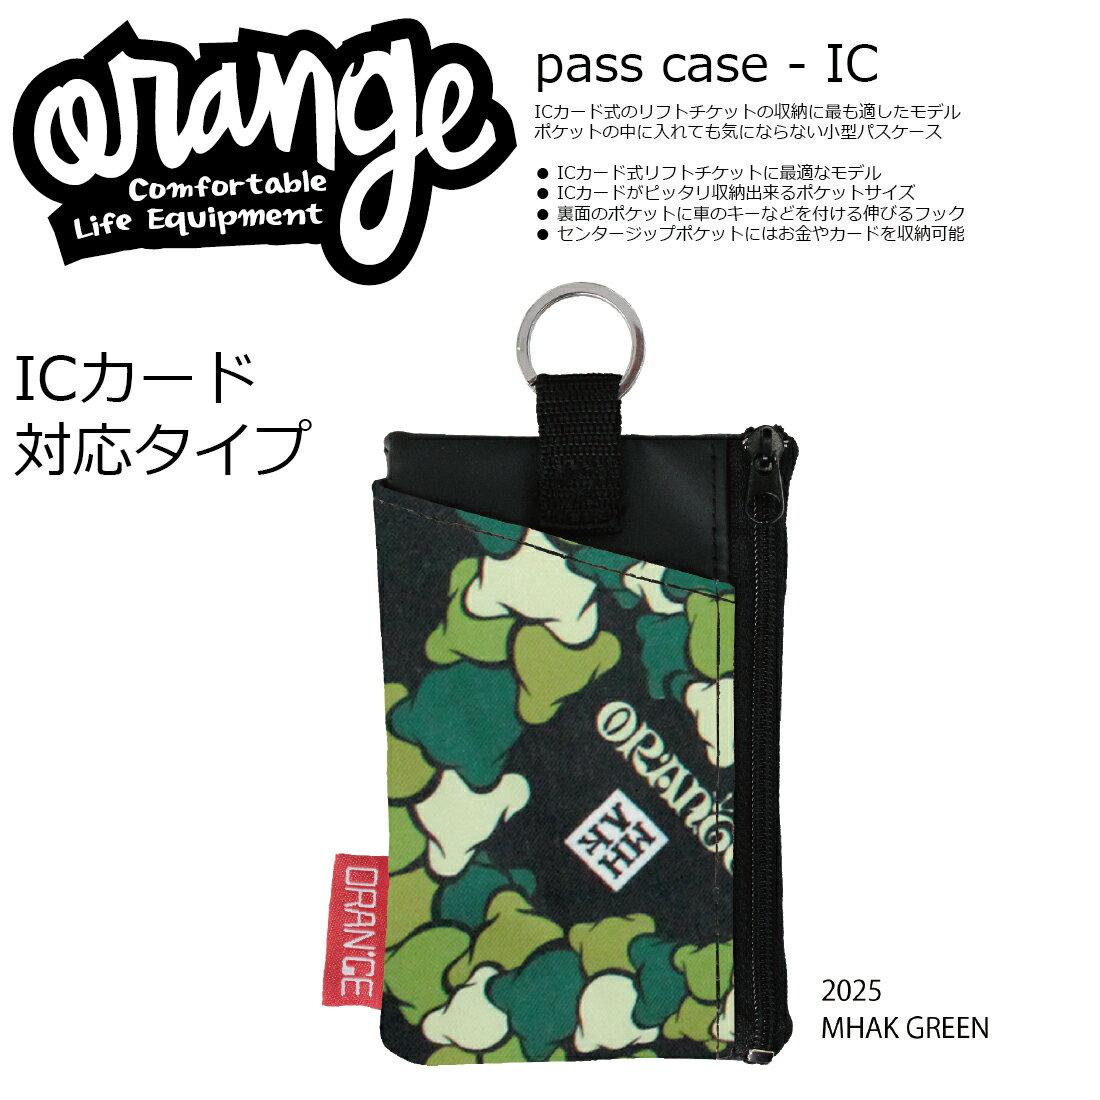 Oran'ge Pass-Case IC リング付 2025 MHAK GREEN オレンジ パスケース 縦タイプ アイシー 収納ポケット付 2017 2017-18